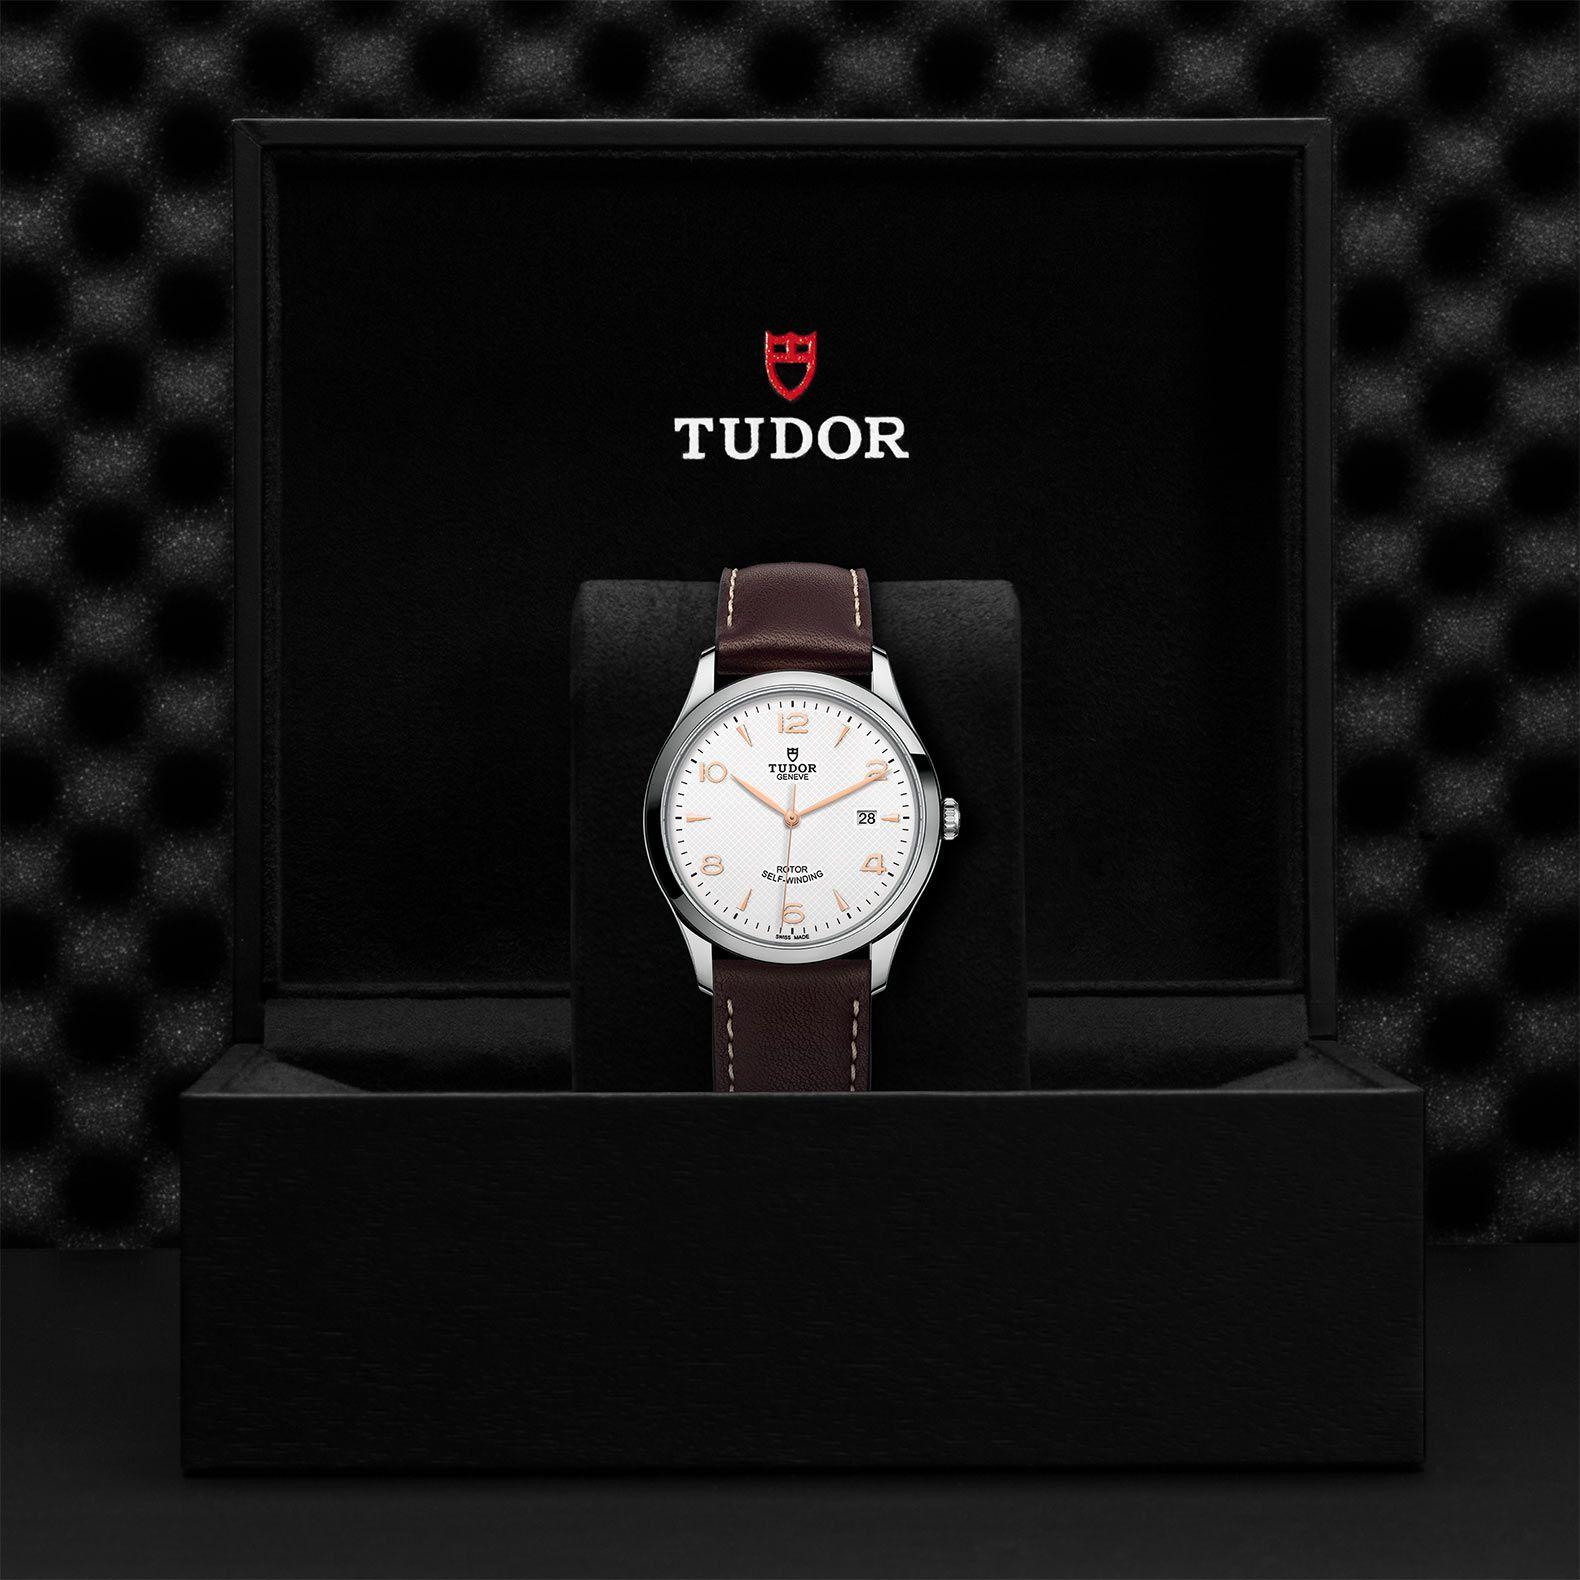 TUDOR 1926 91650 - 0012